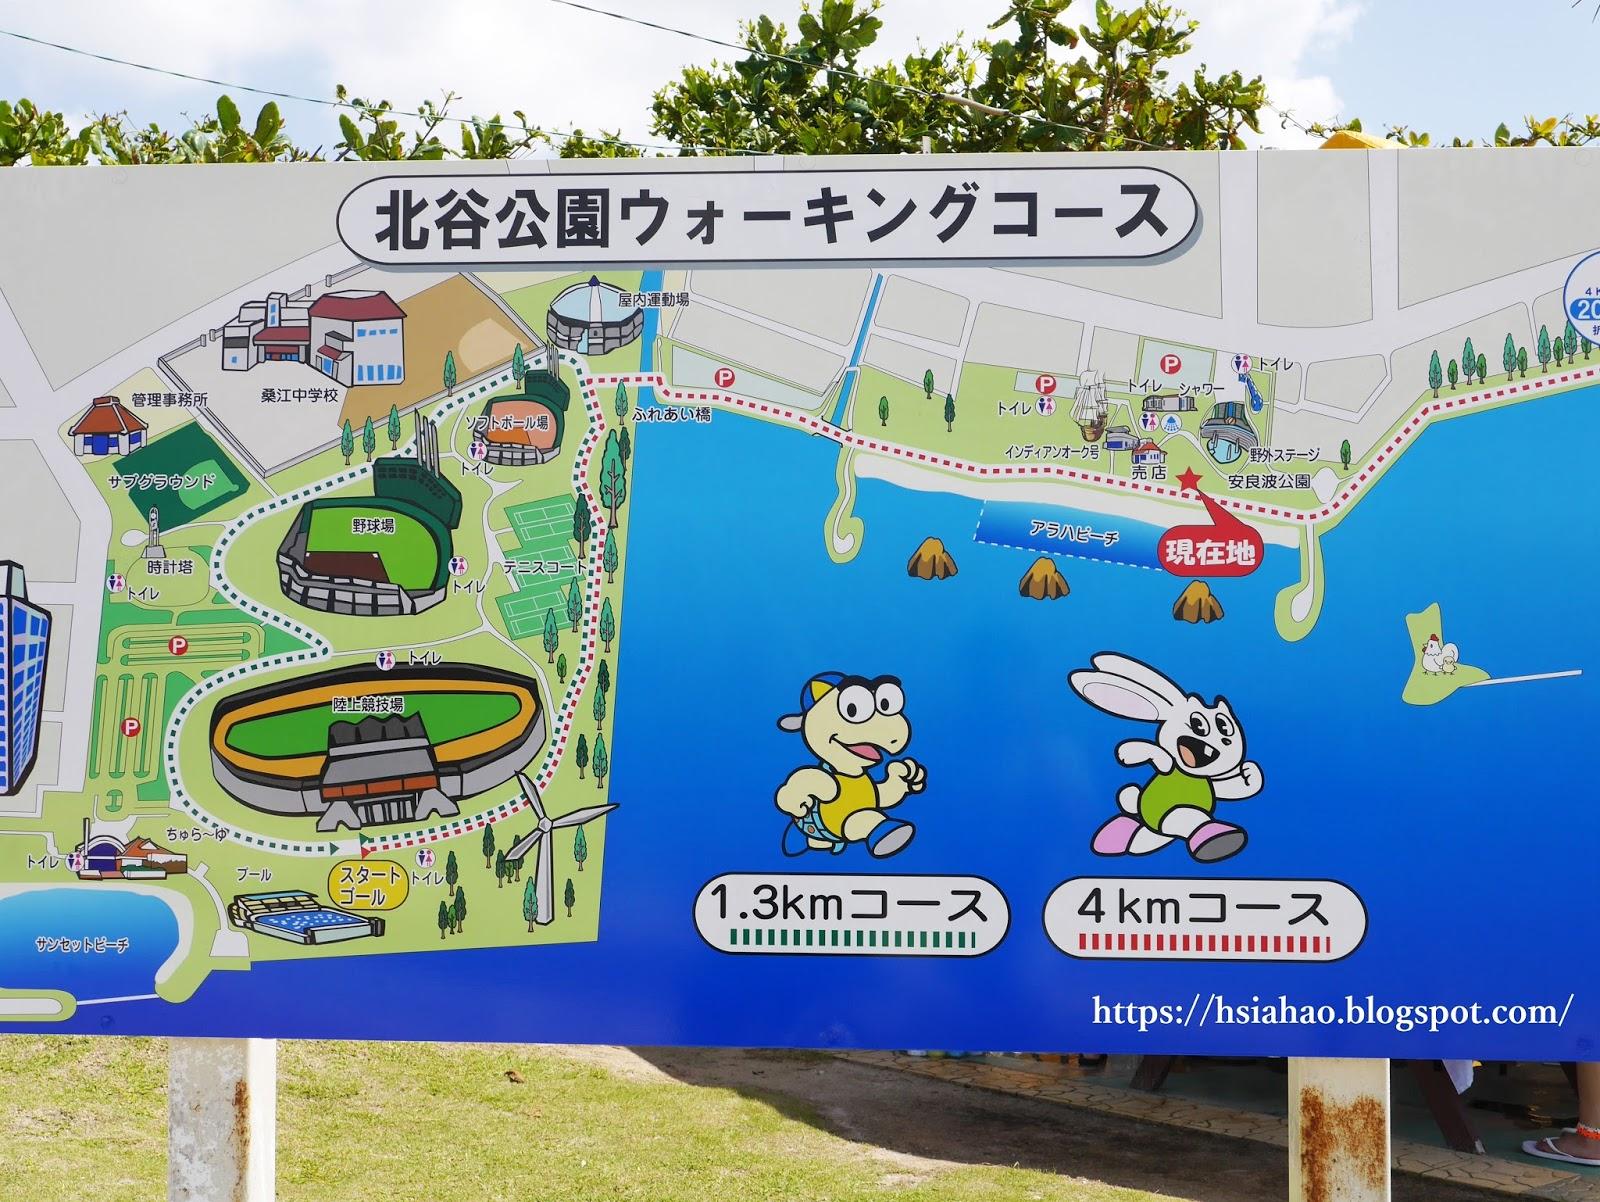 沖繩-美國村景點-推薦-北谷公園-地圖-自由行-旅遊-Okinawa